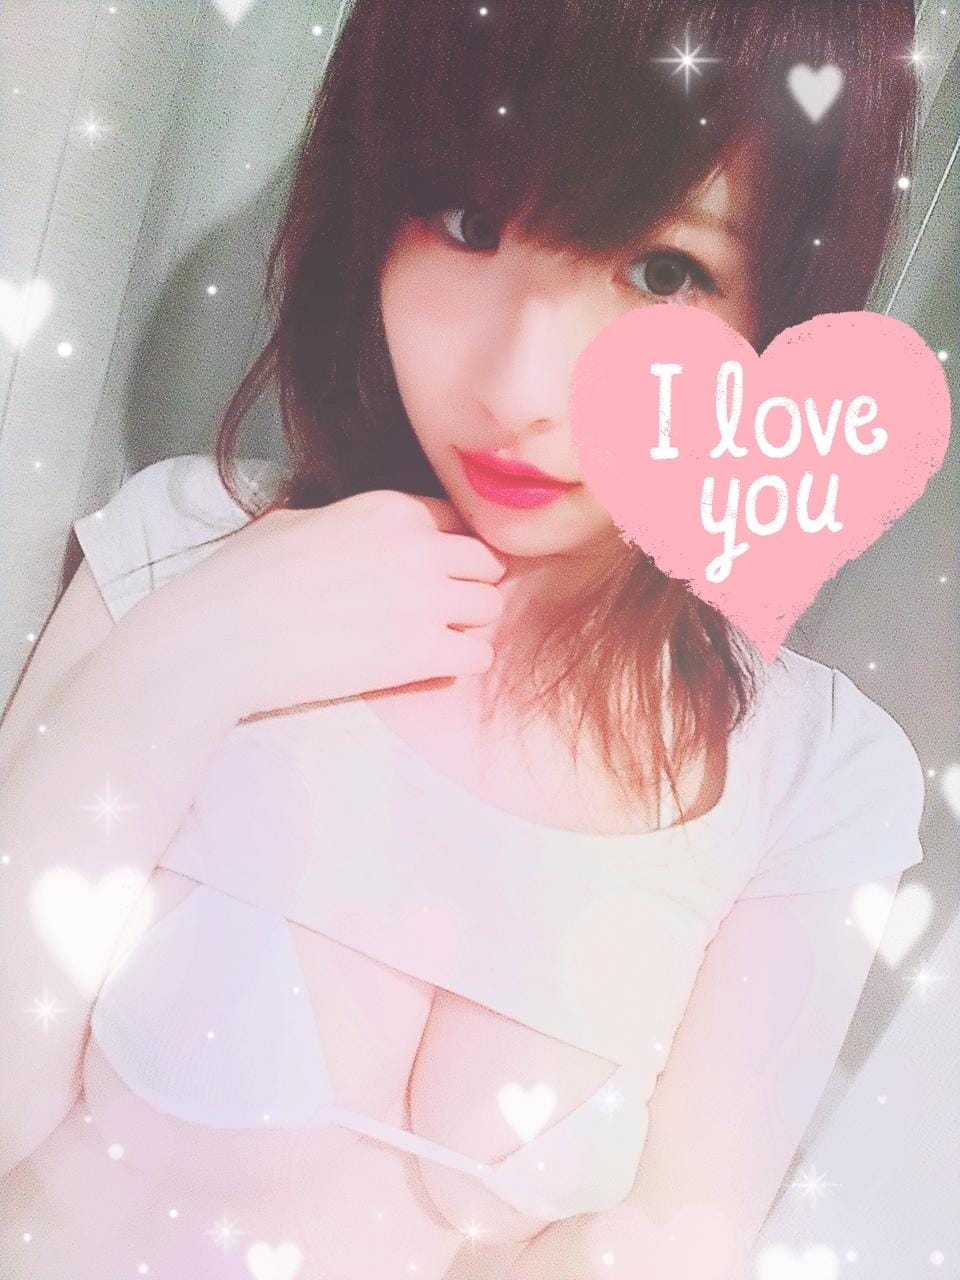 「いつもありがとう♪」08/22(水) 18:00 | YORIの写メ・風俗動画